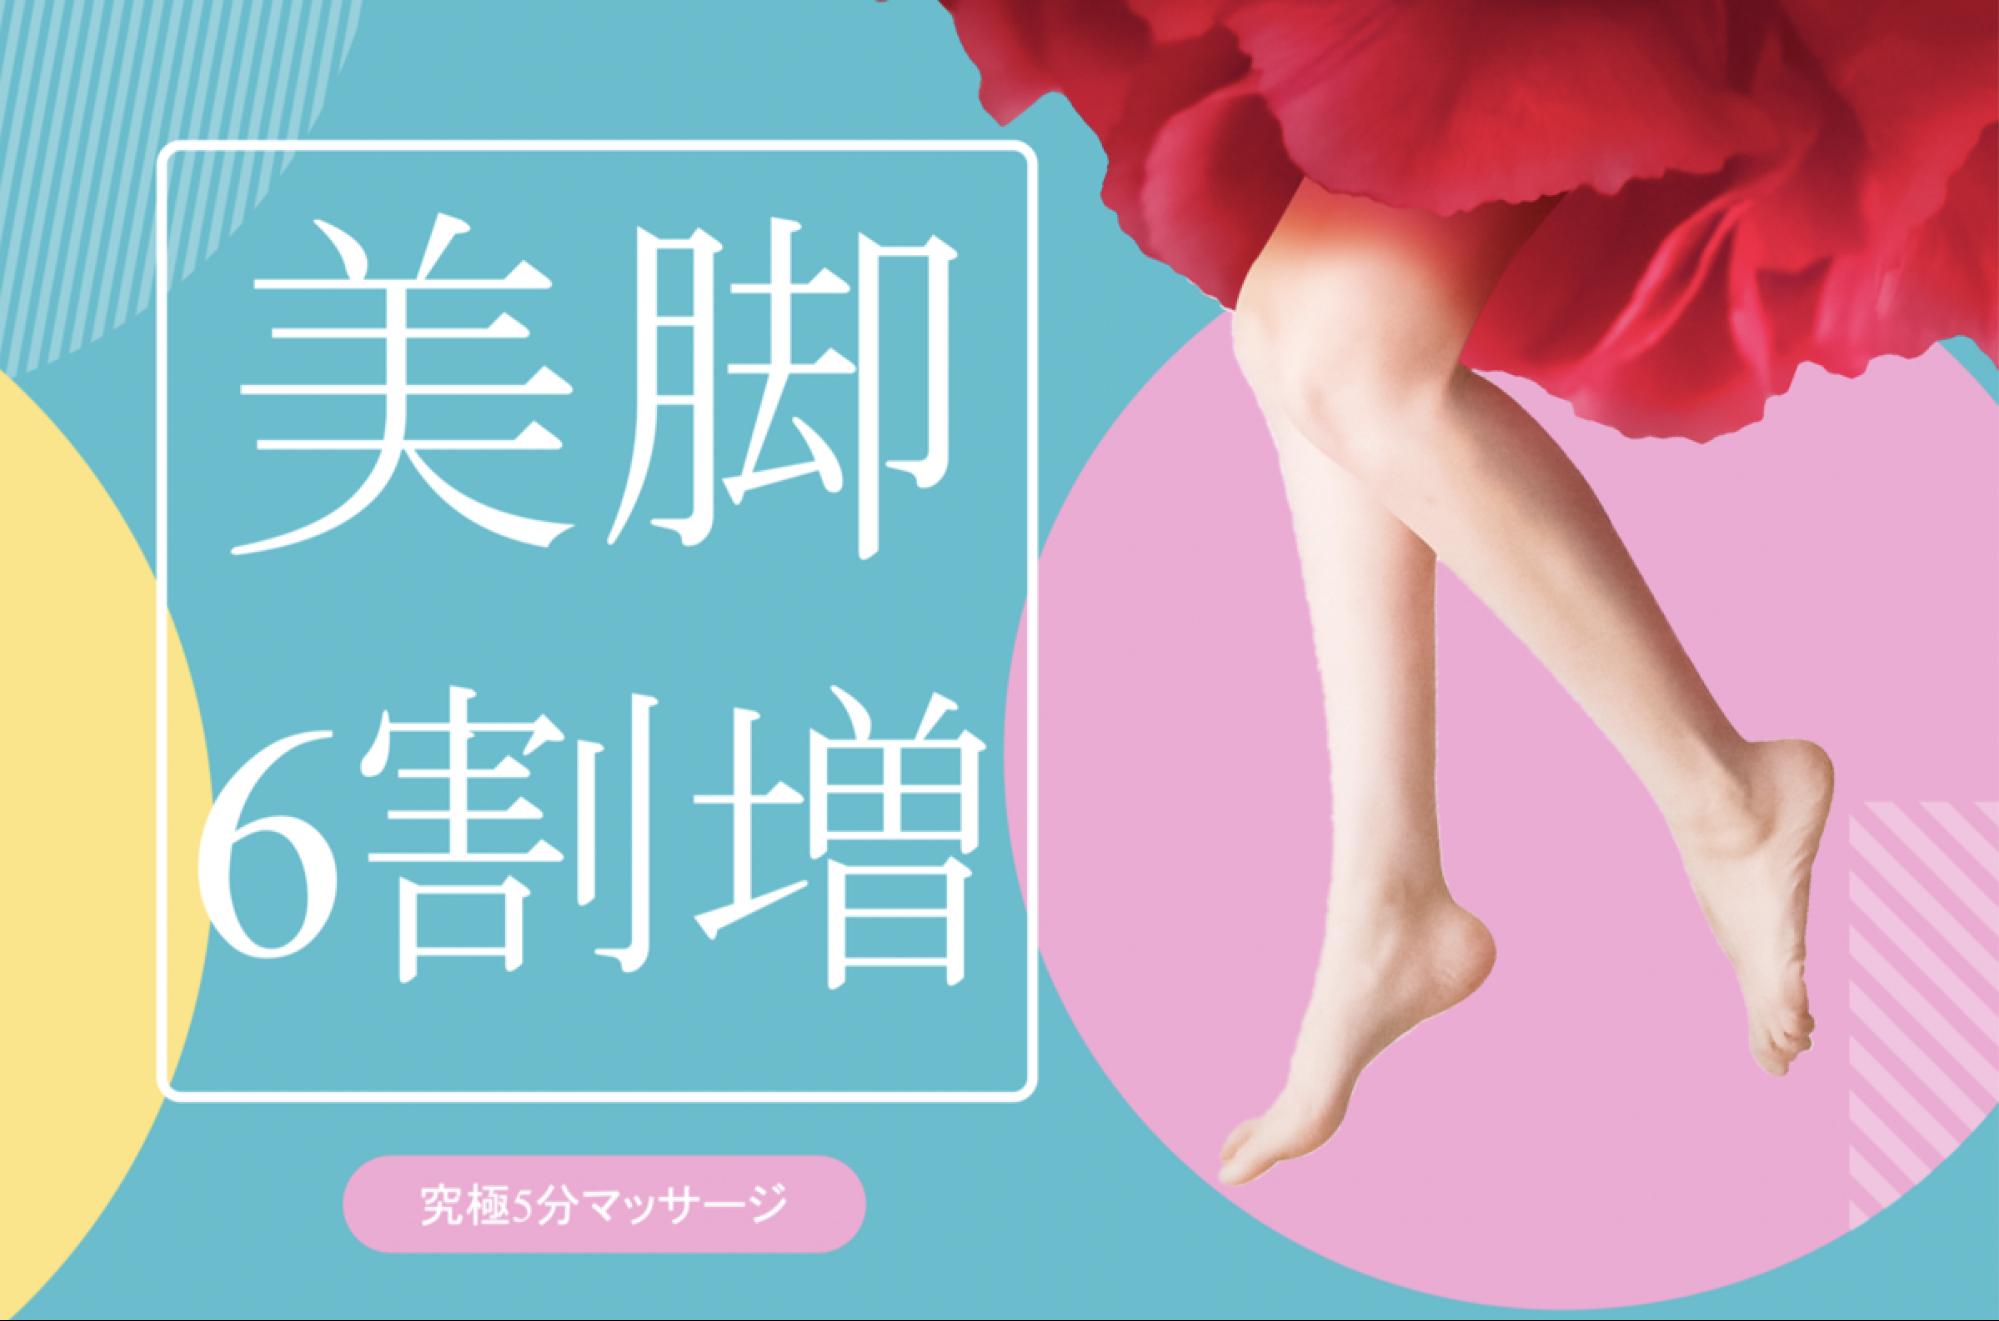 """「スッキリほっそり」美脚度、6割増し!究極""""5分""""むくみ撃退マッサージ"""